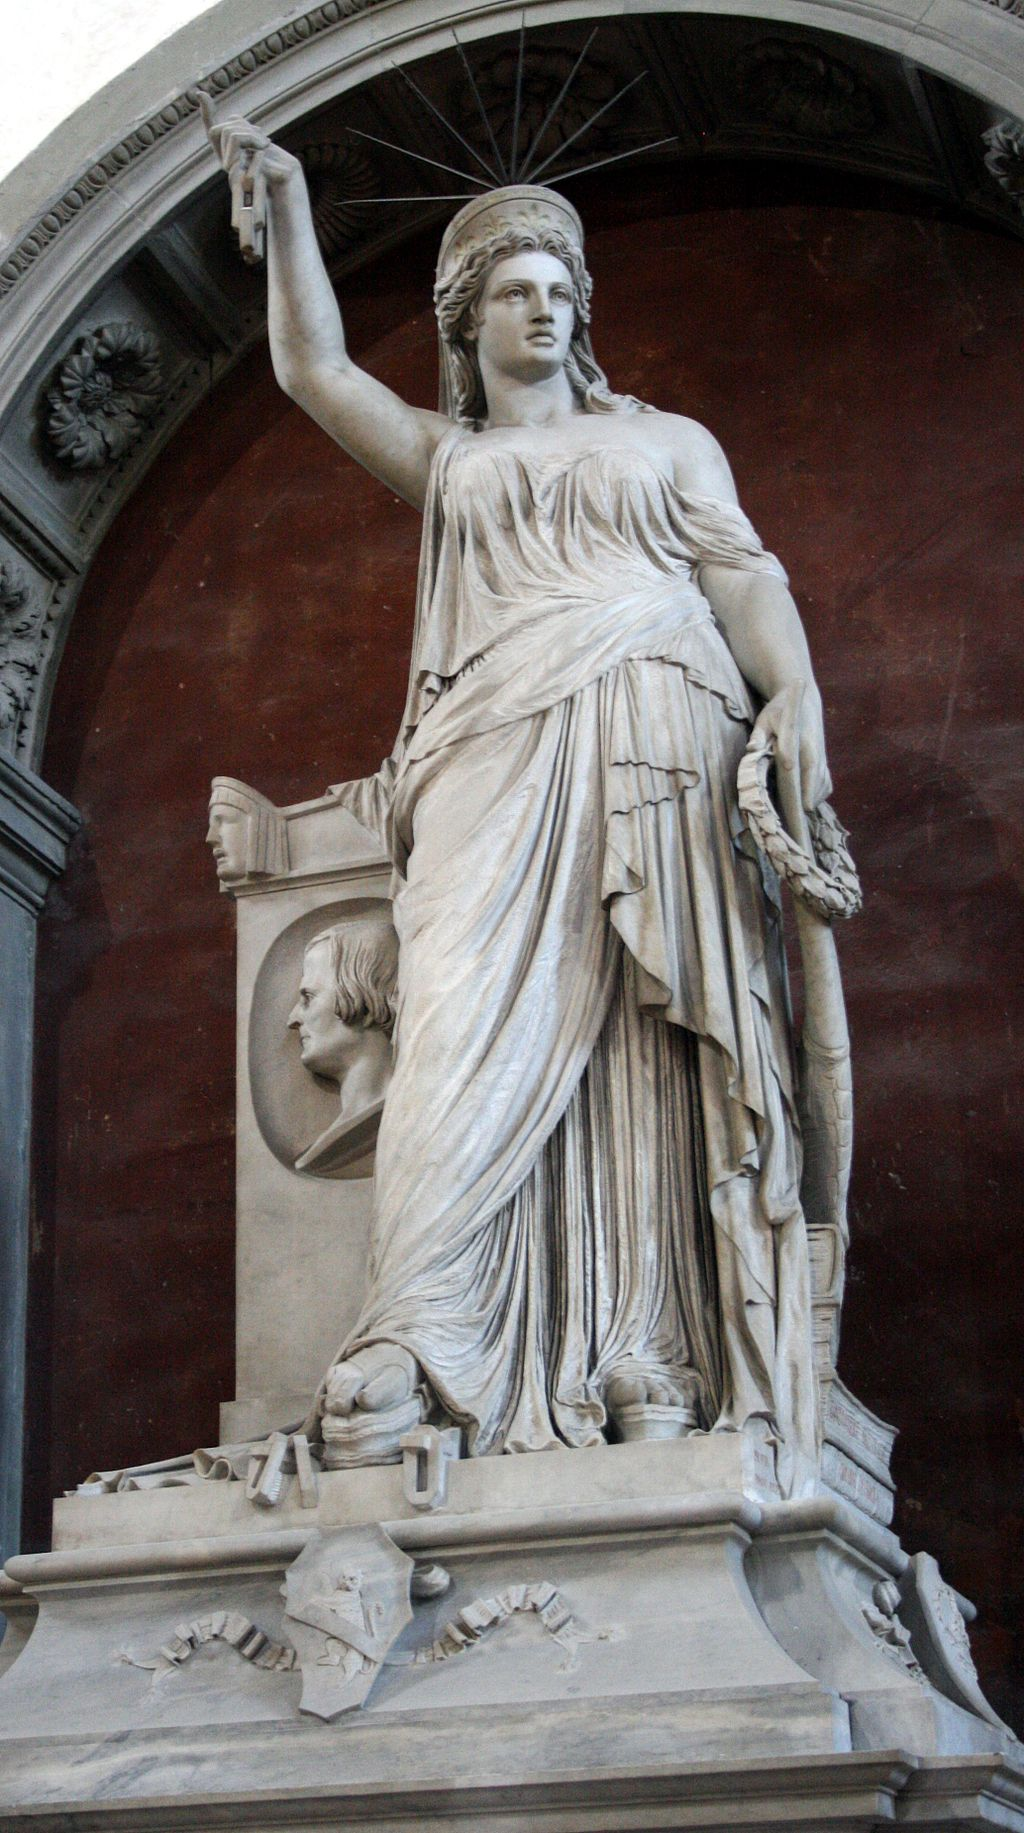 Pio Fedi, Statua della Libertà della Poesia, Statua della Libertà fiorentina' diSanta Croce, Firenze